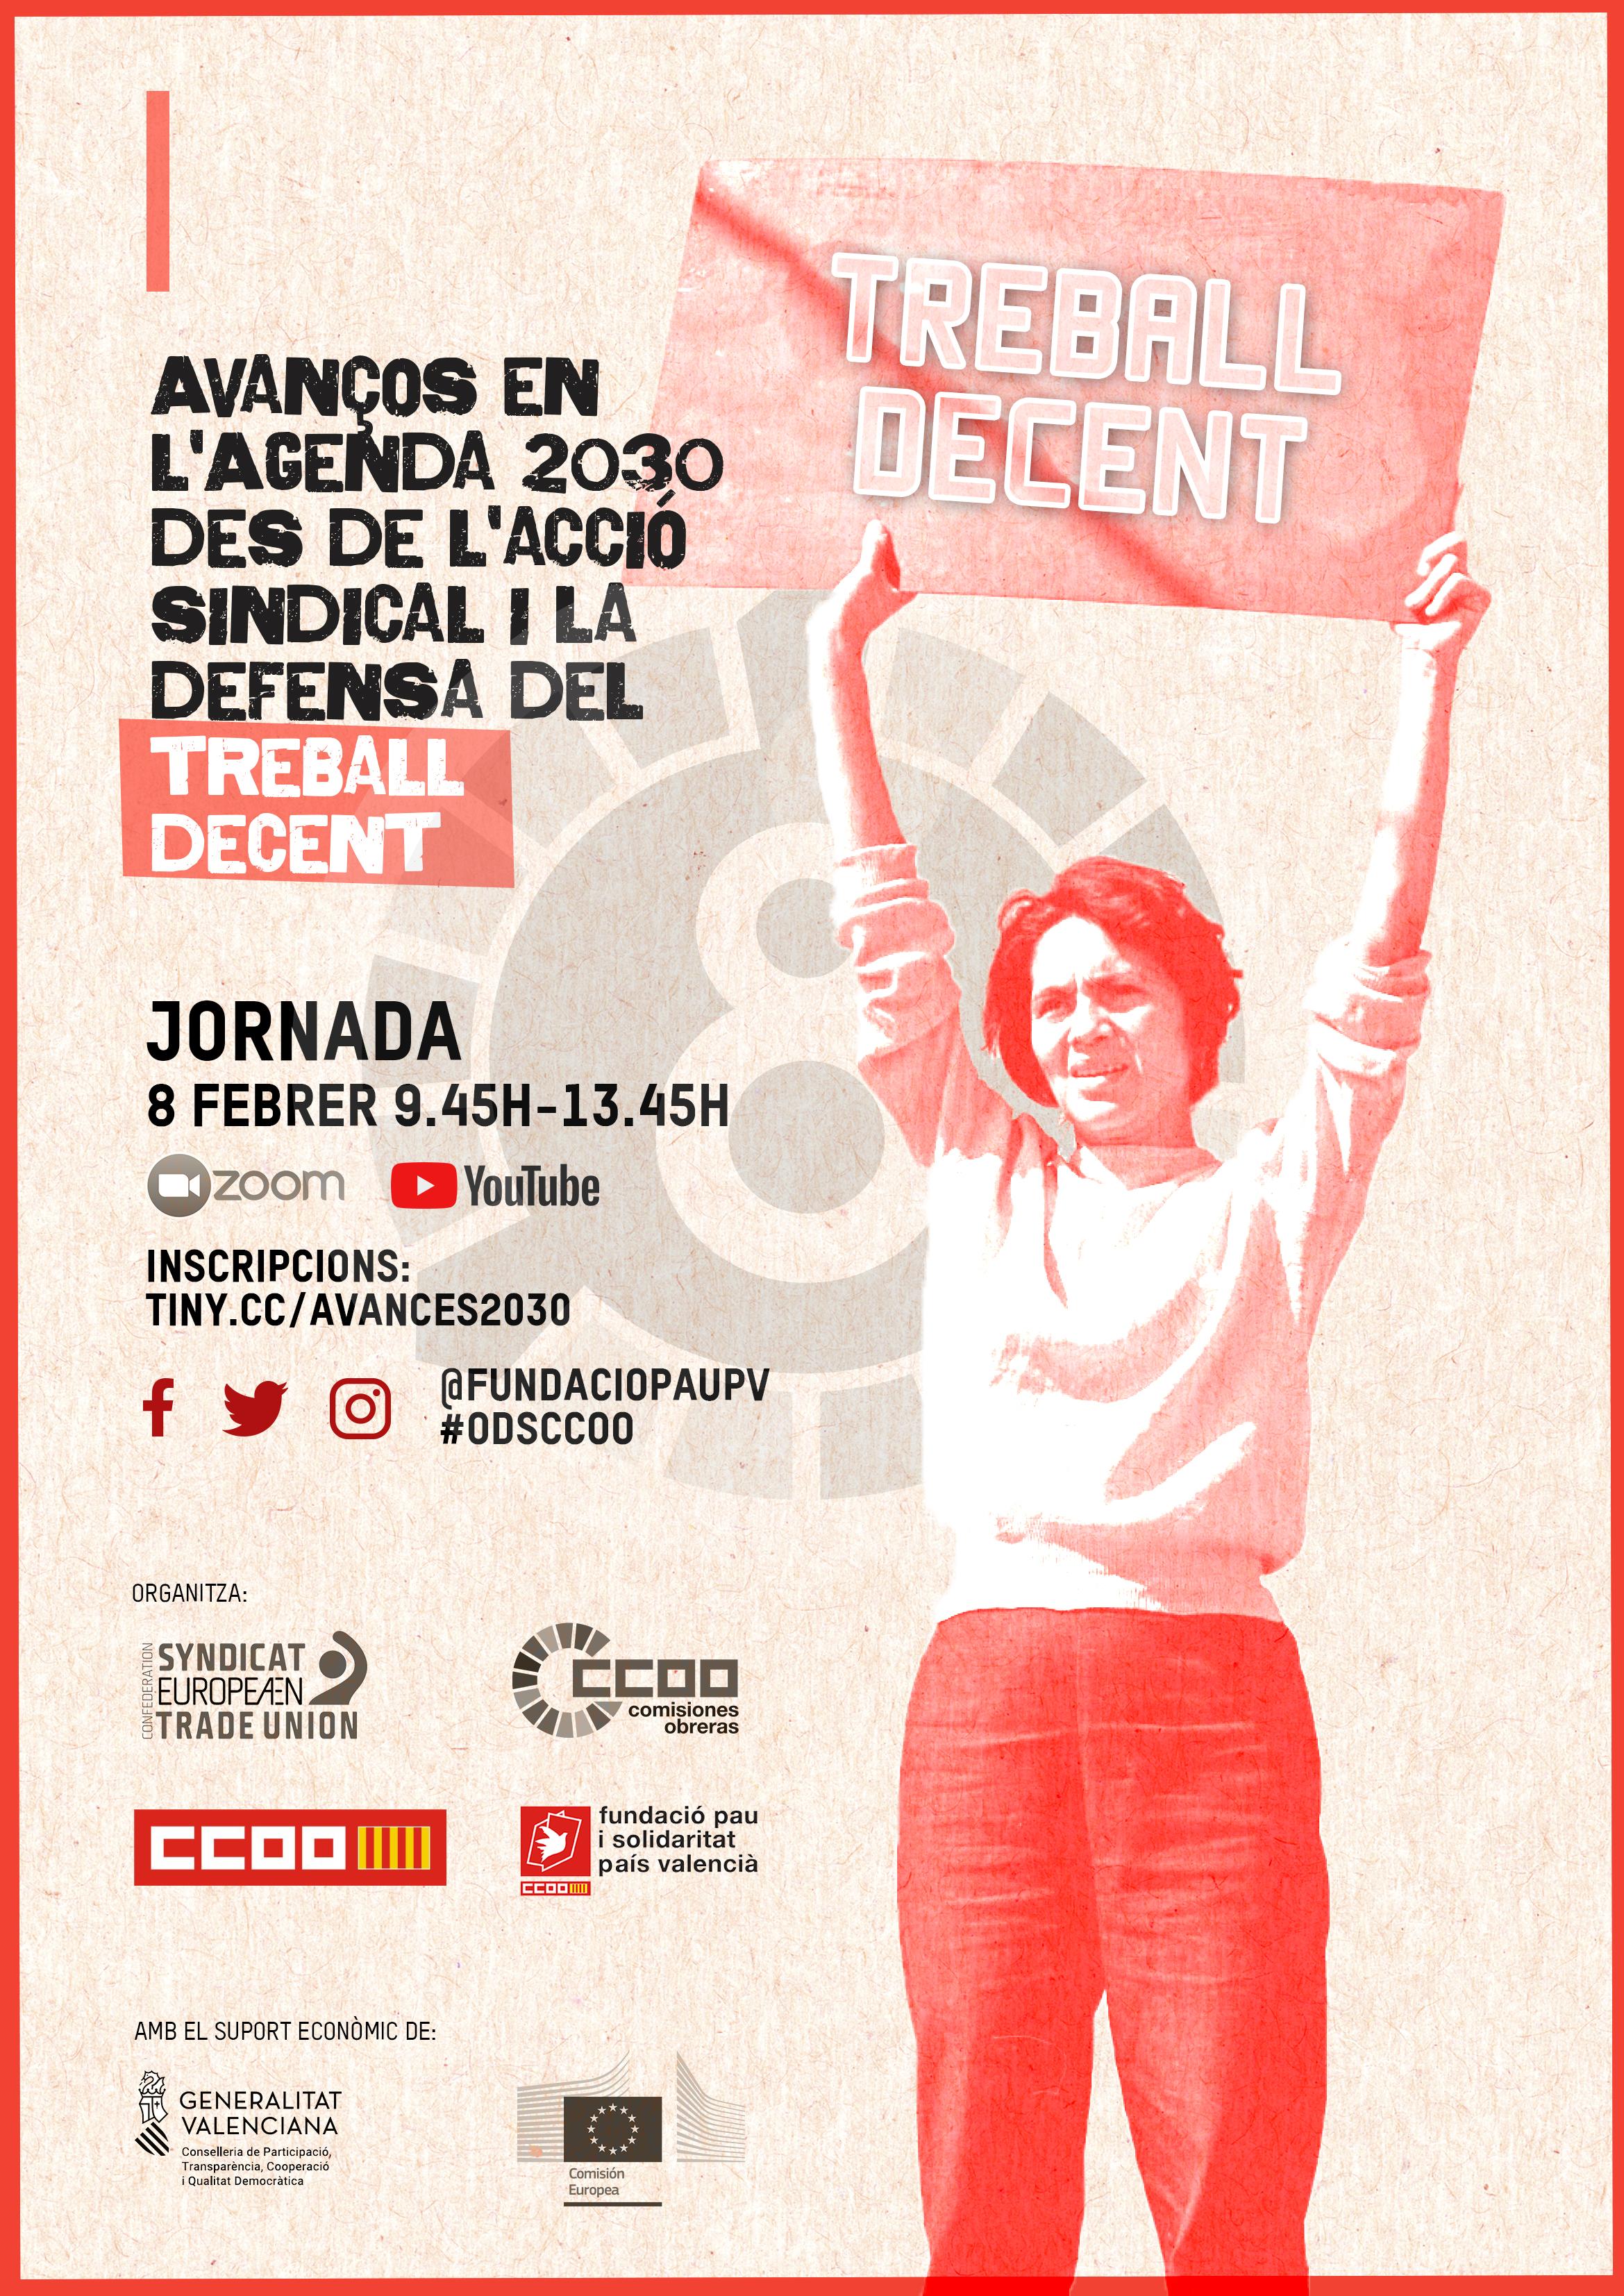 Avanços en l'Agenda 2030 des de l'acció sindical i la defensa del treball decent